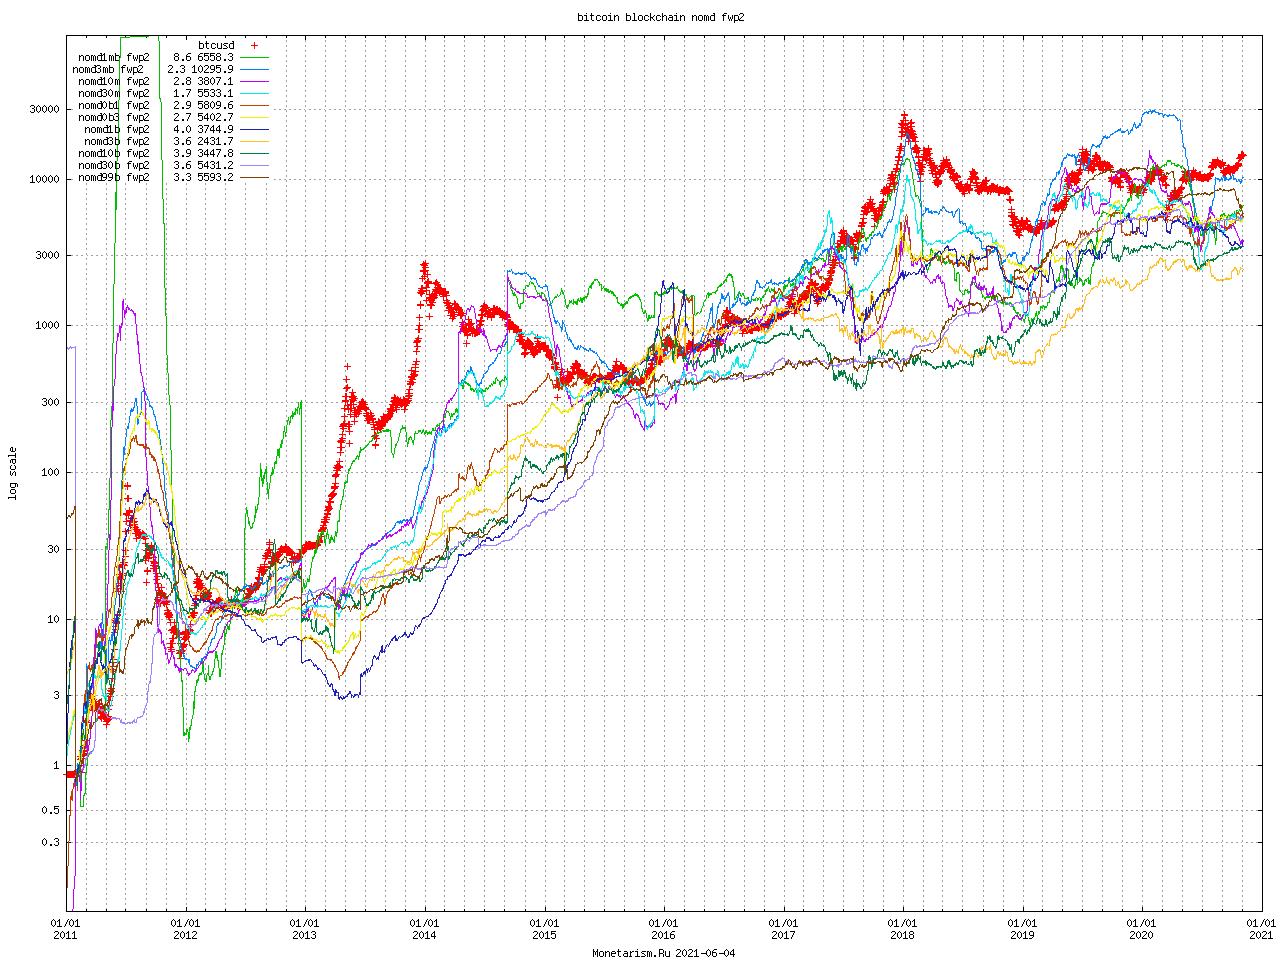 Bitcoin Blockchain nomd fwp2